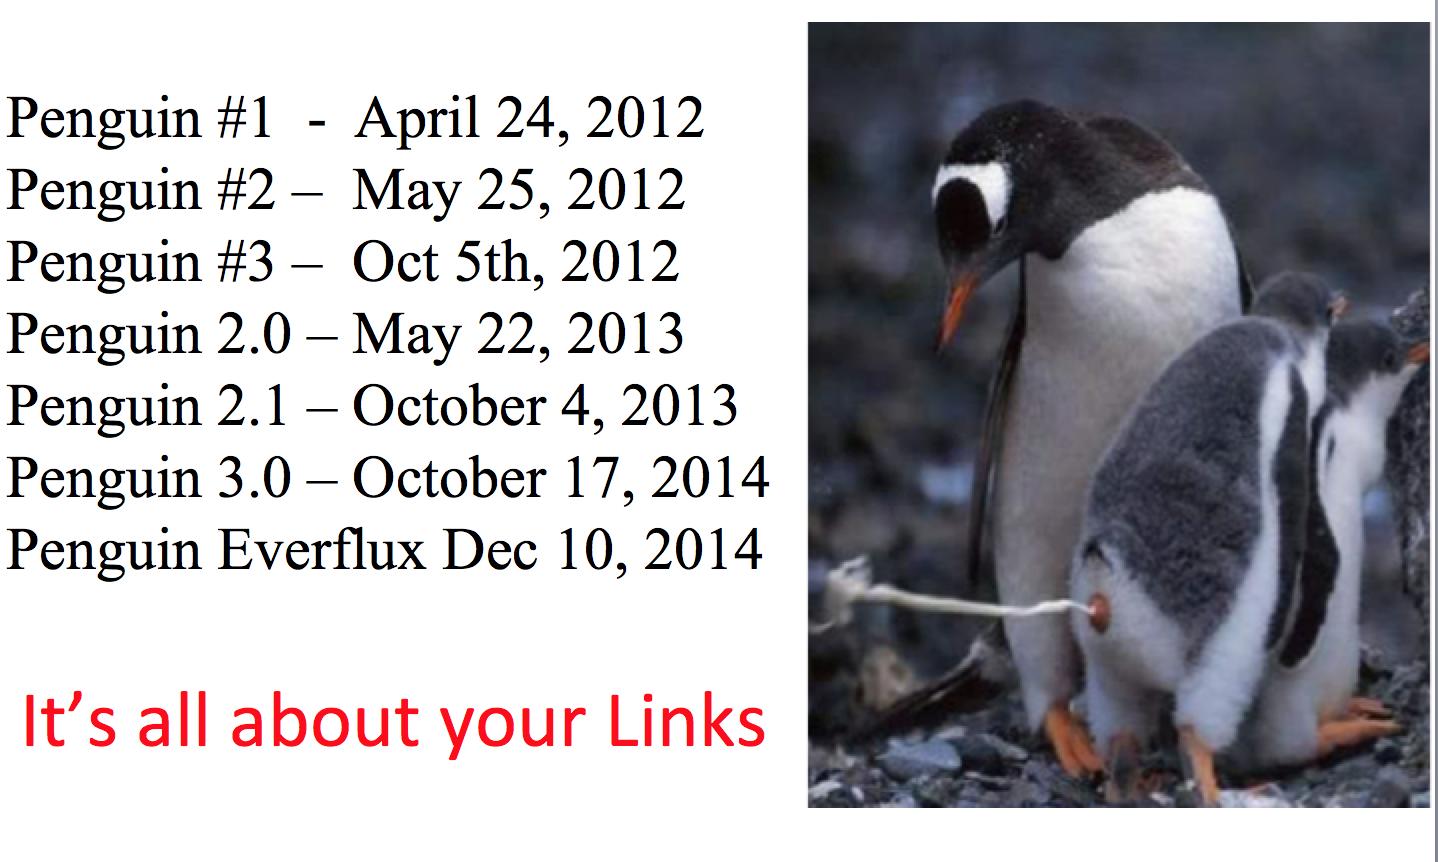 Penguin updates